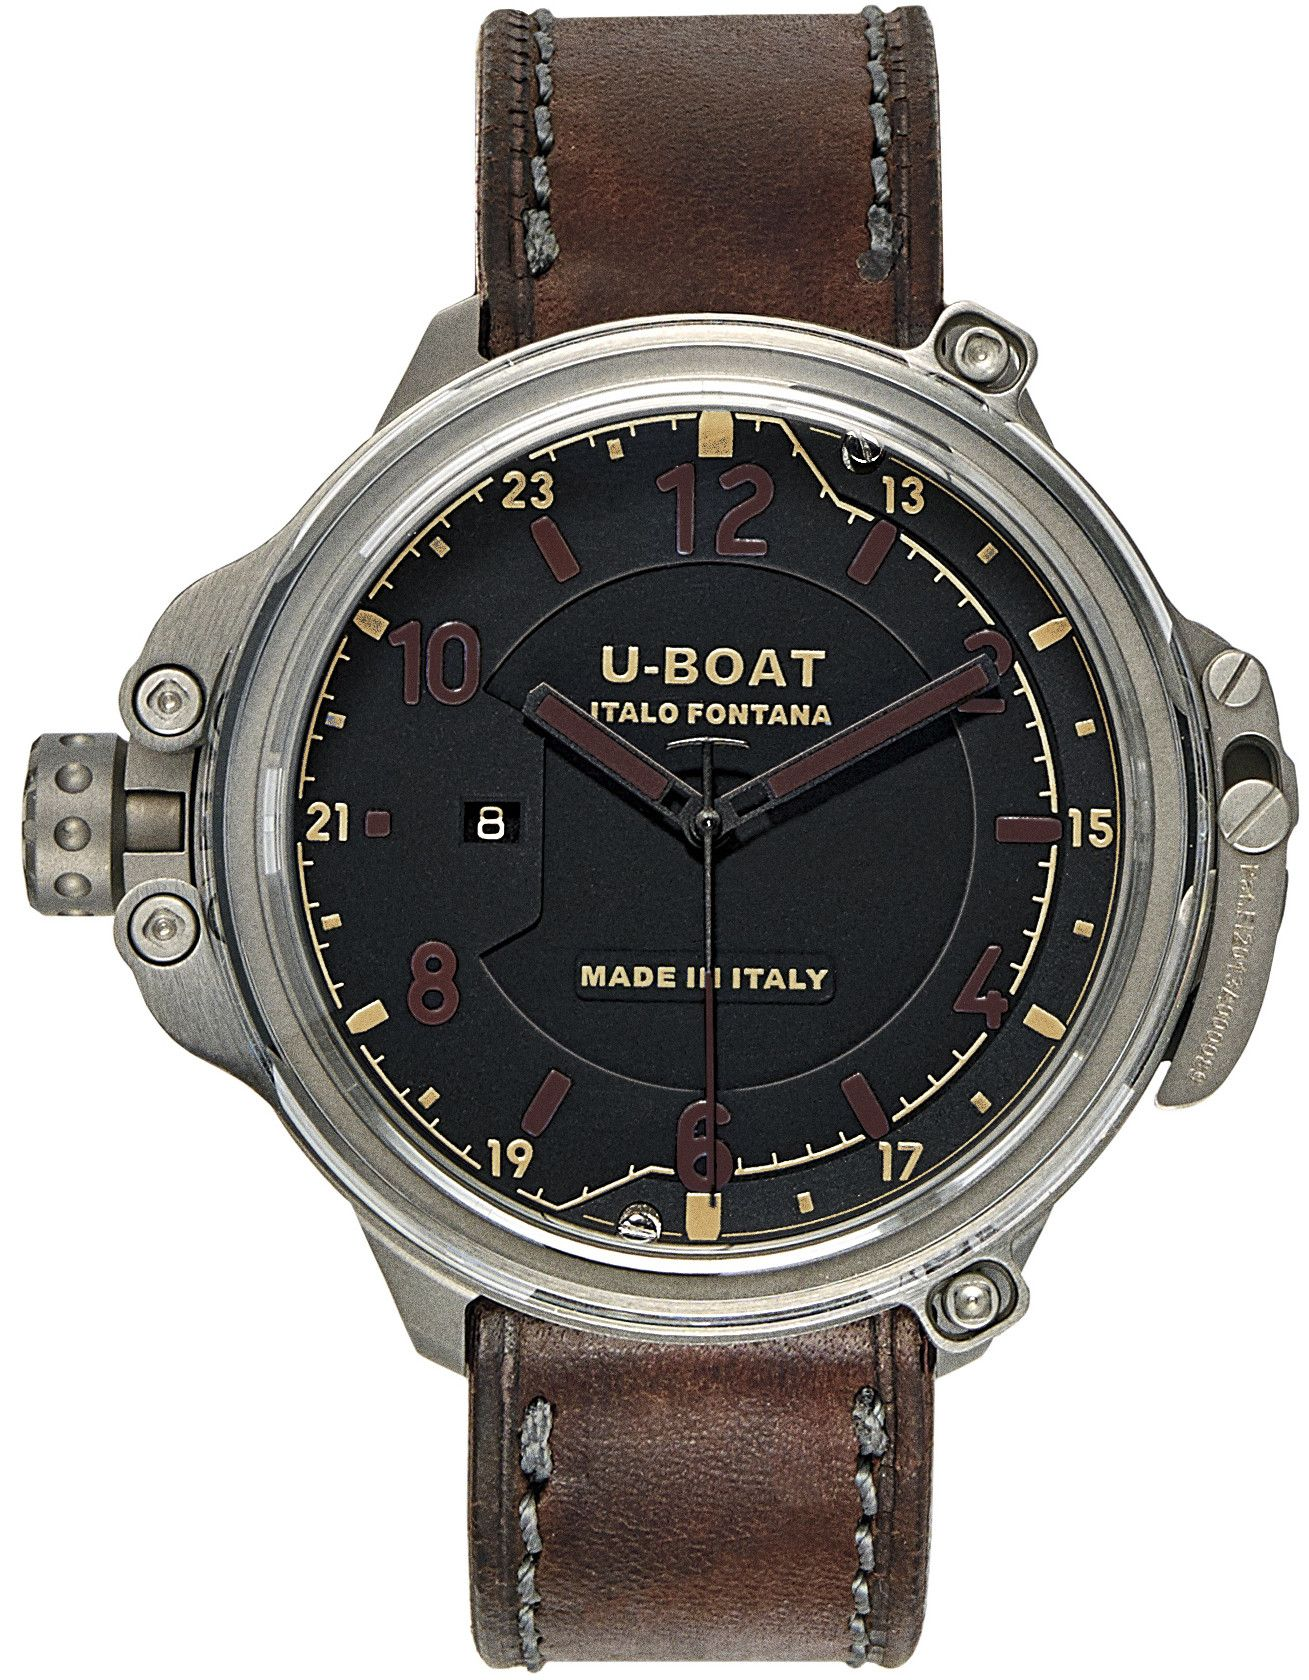 U-Boat reloj de la cápsula 50 Negro Edición Limitada-PREFERIDO-1